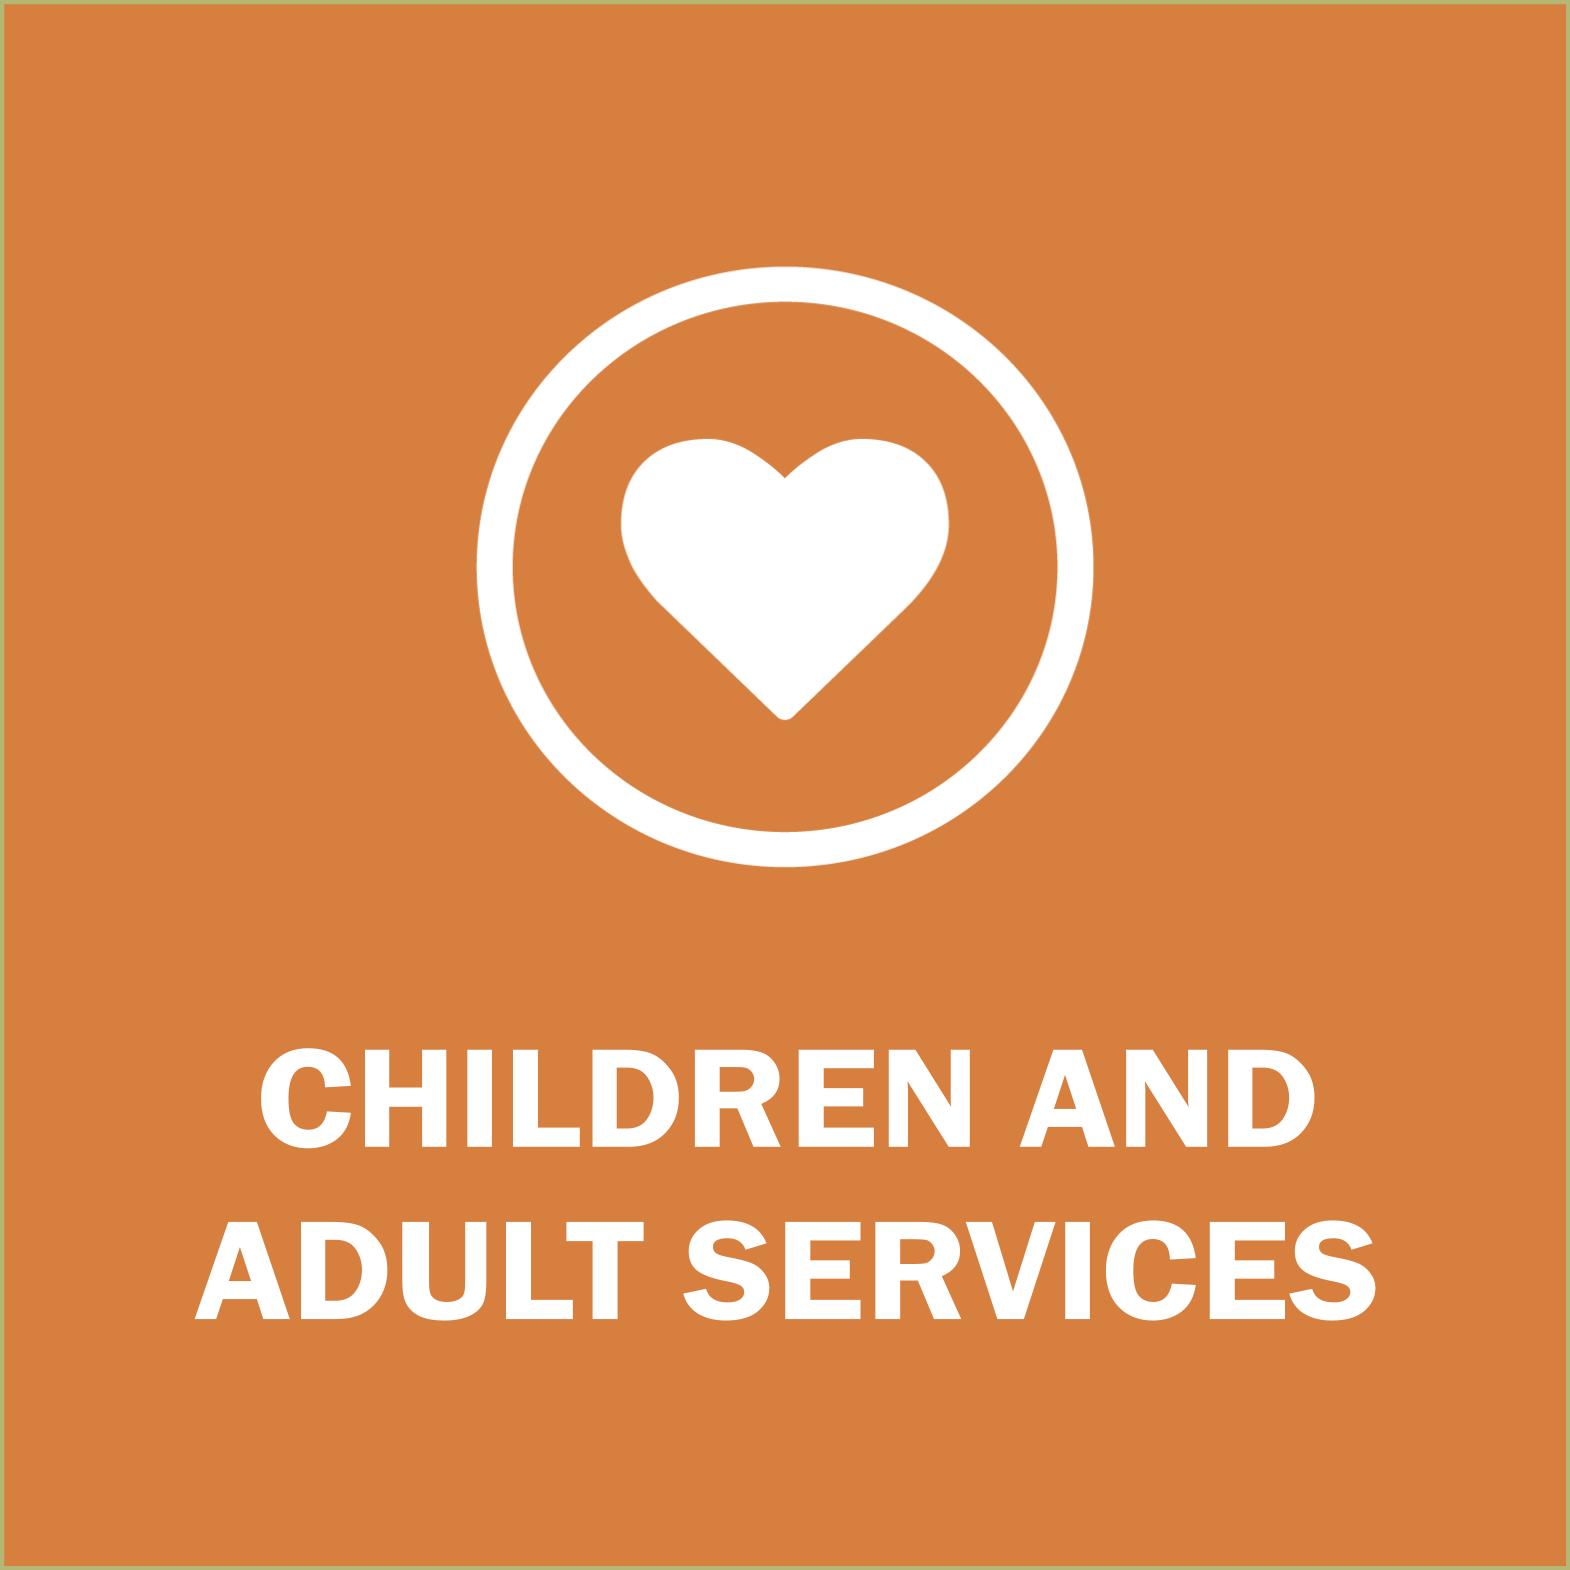 2x2-Children-Adult